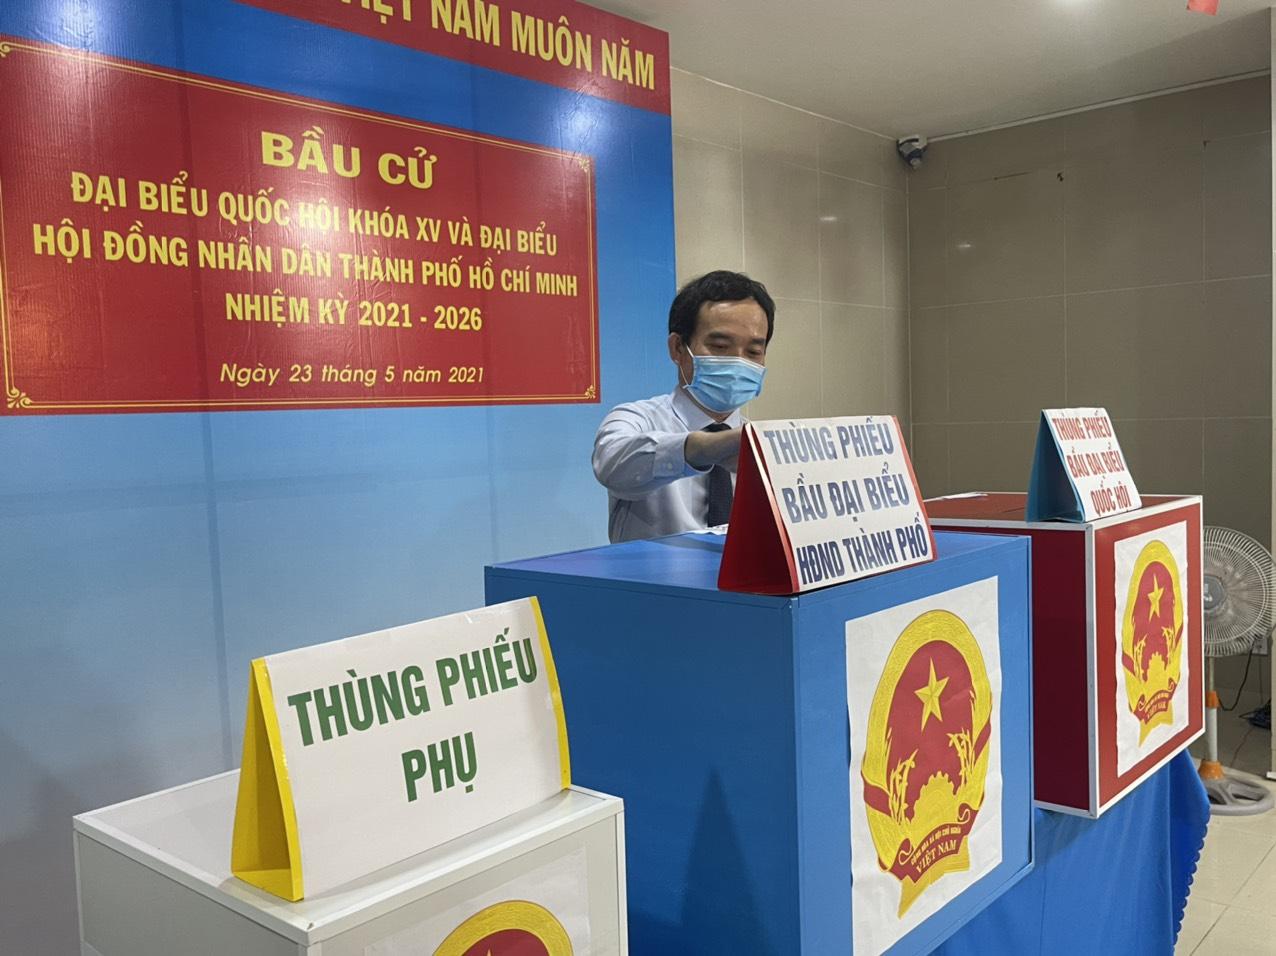 Bí thư Thành ủy Hải Phòng Trần Lưu Quang chính thức bỏ phiếu bầu cử